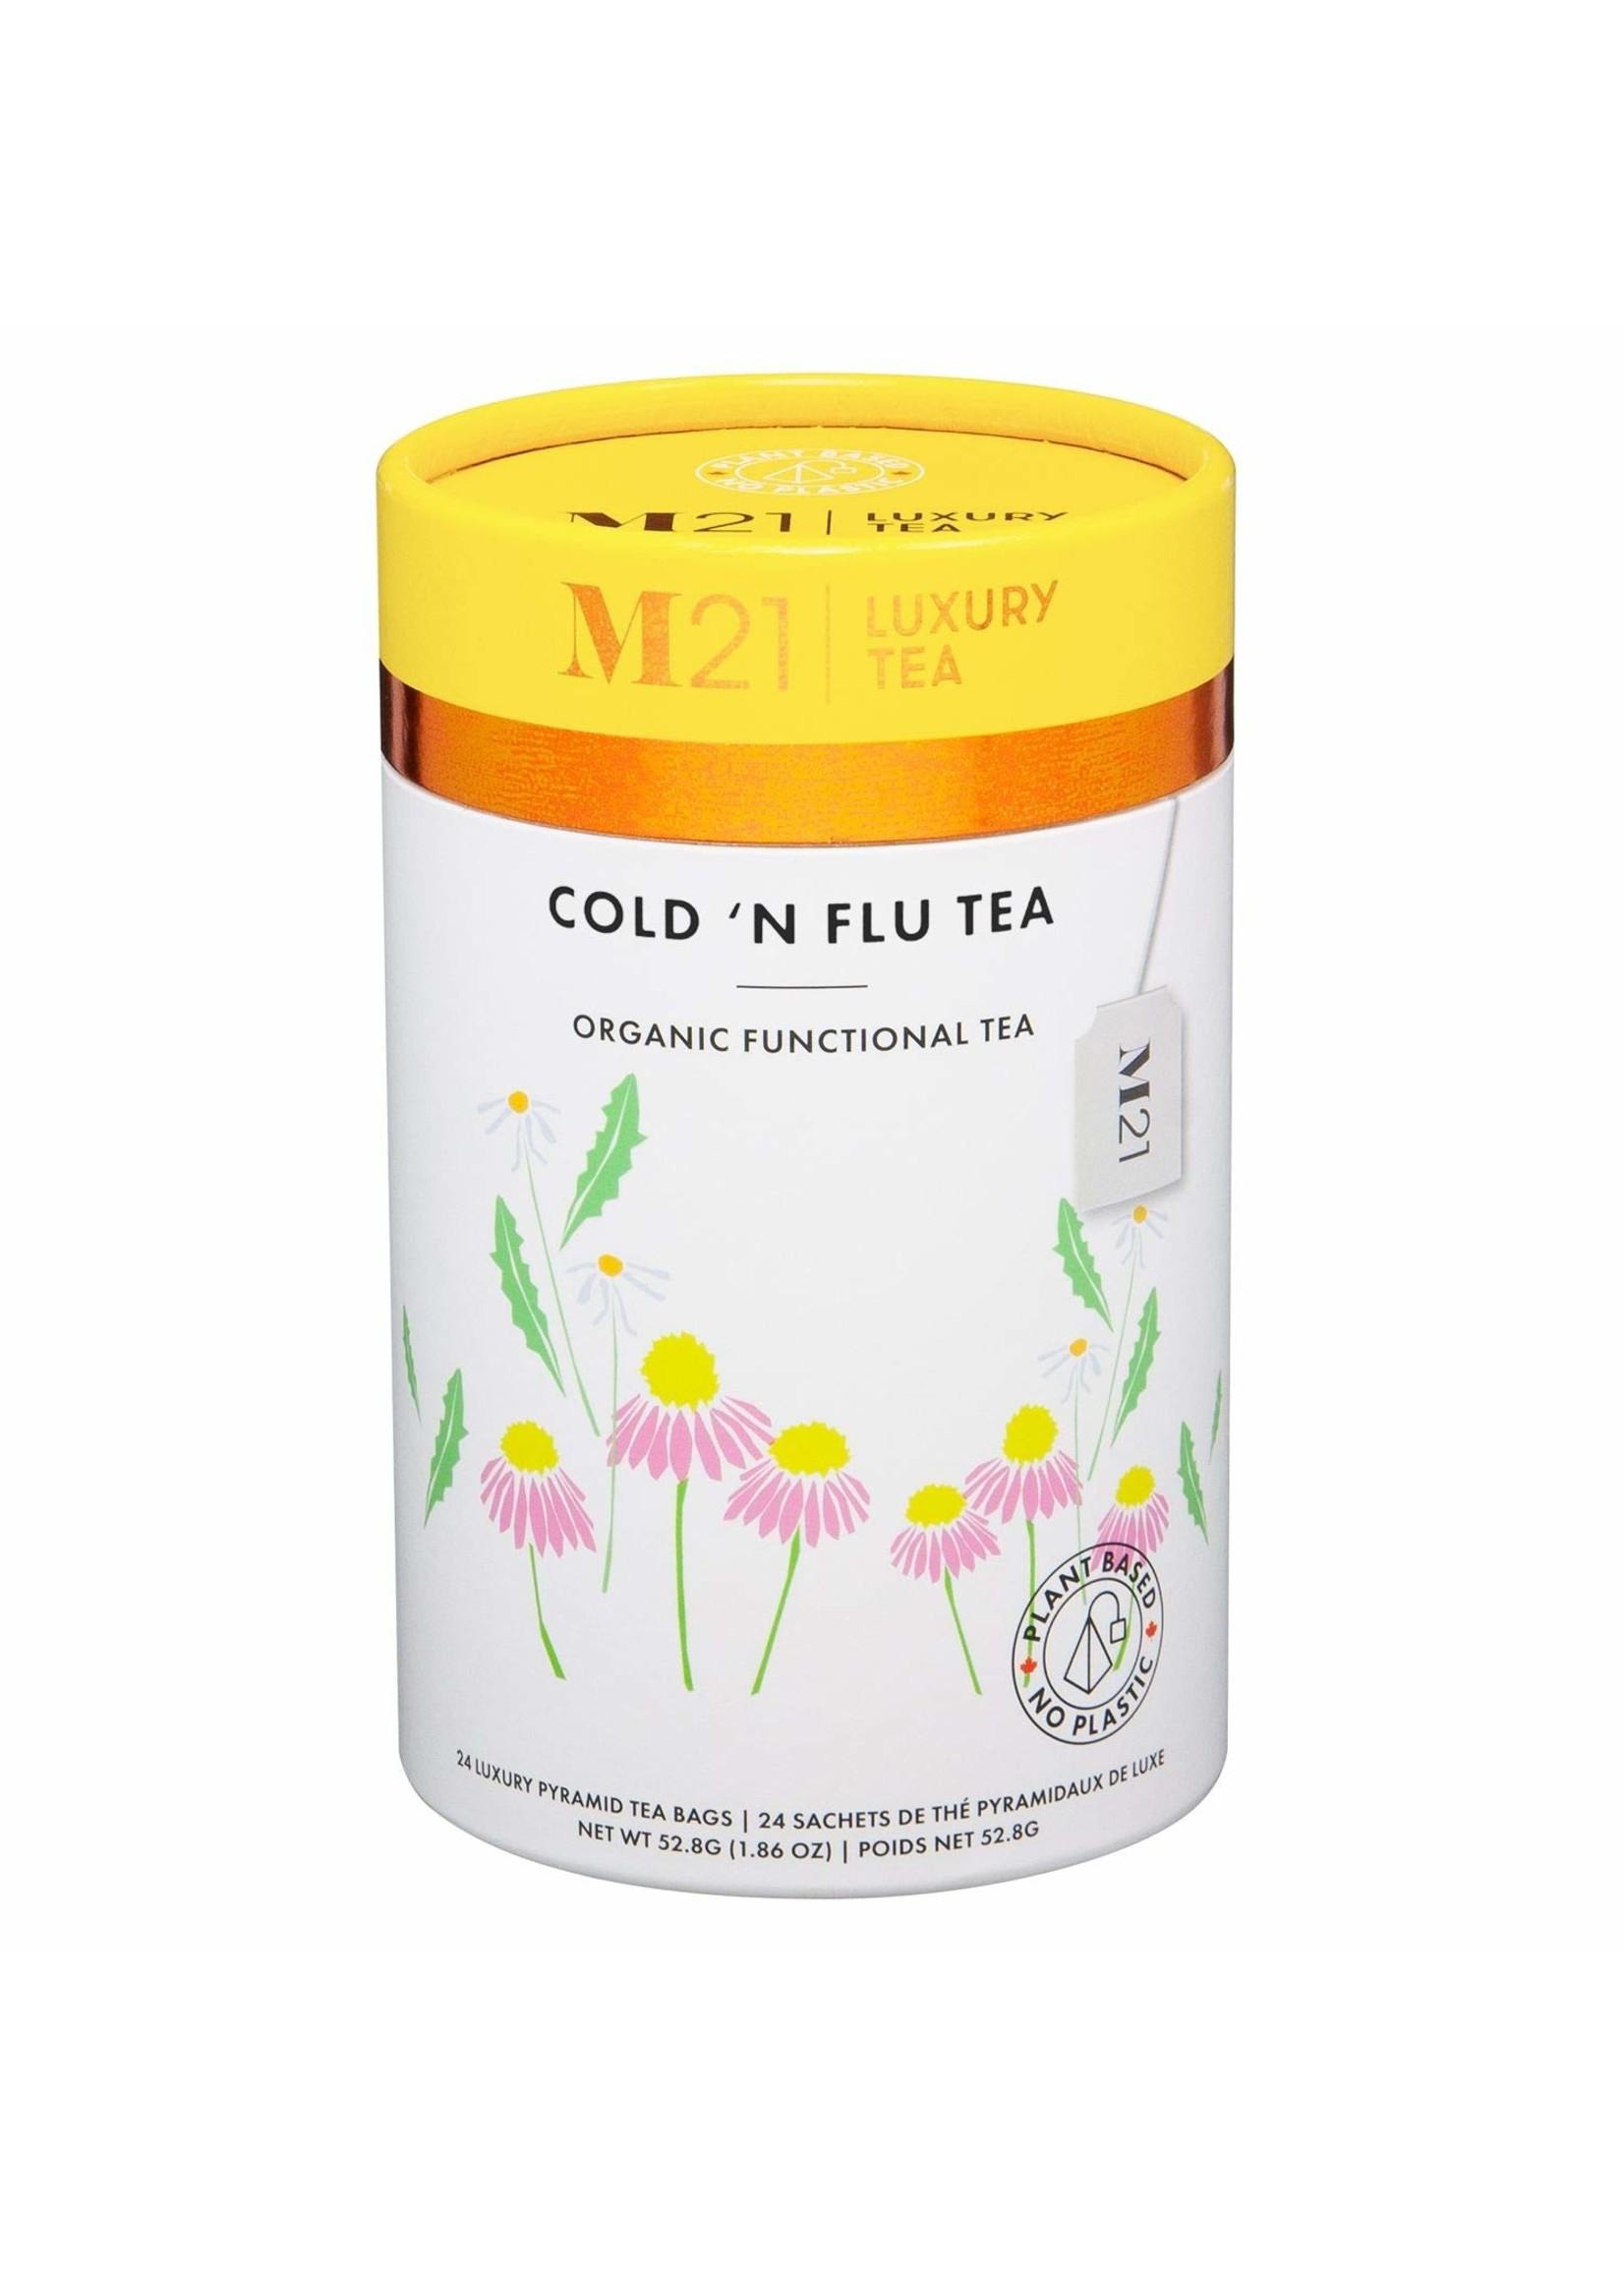 Metropolitan Tea M21 Luxury Tea-Cold' N Flu Tea